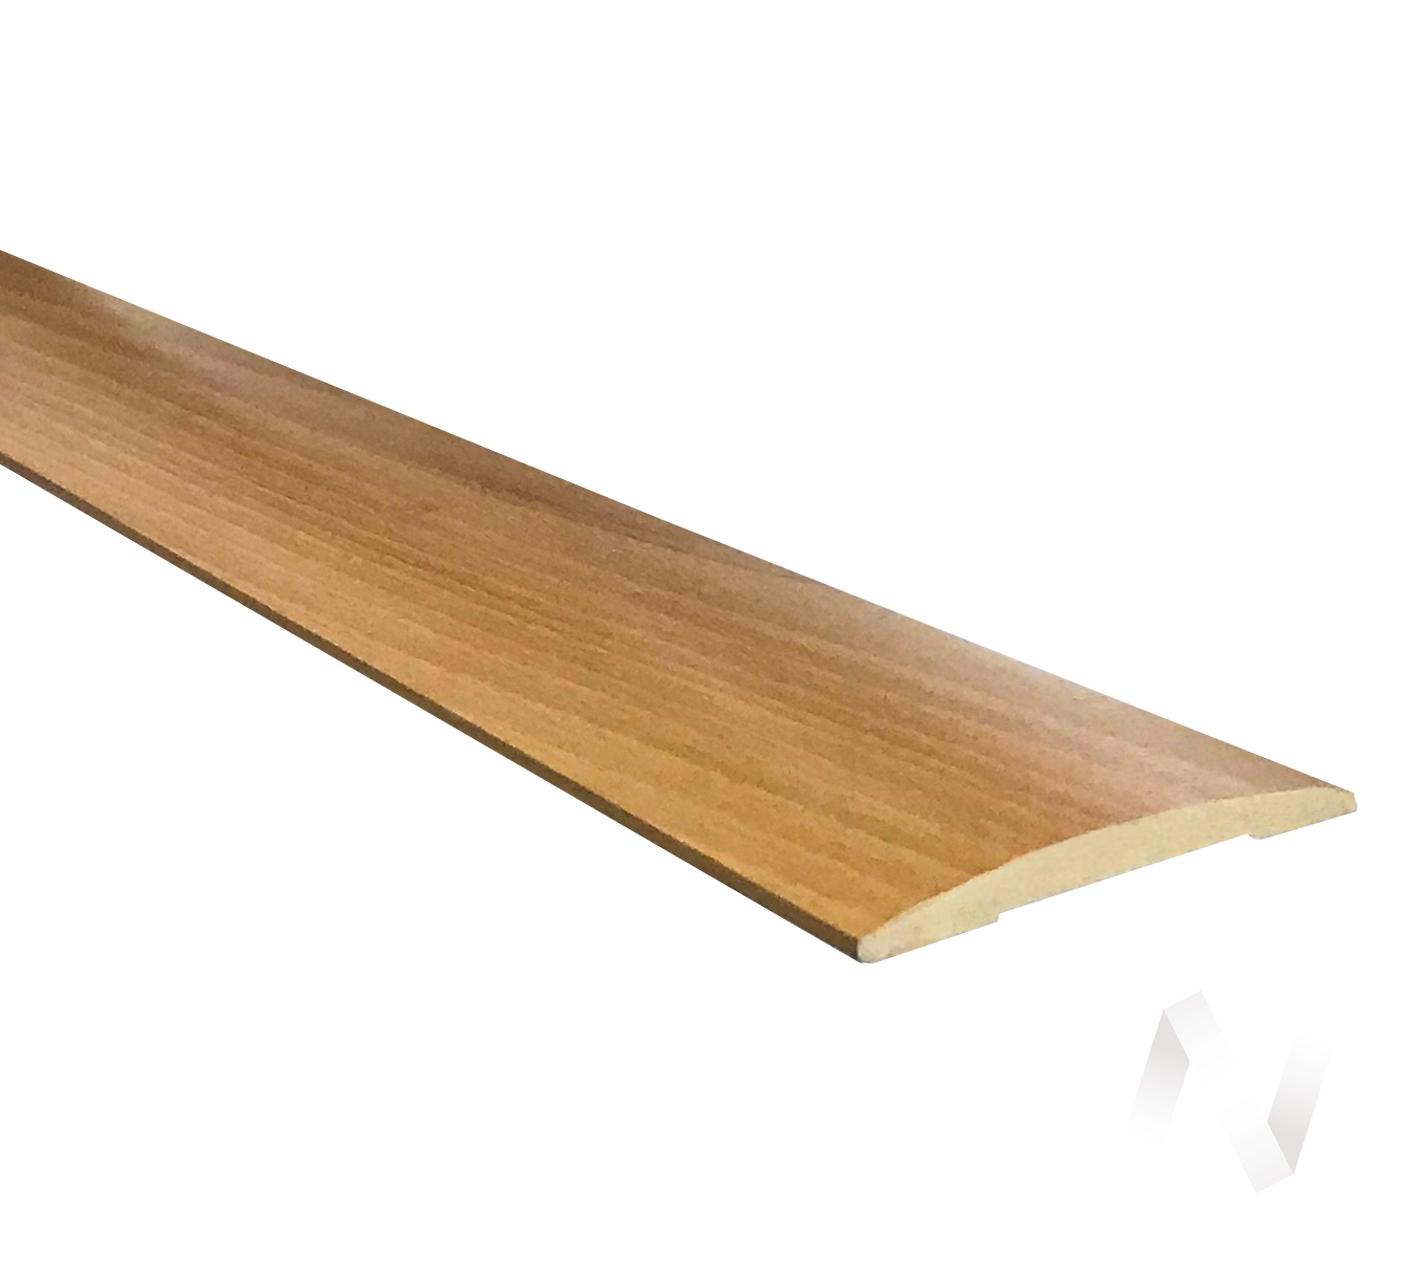 Наличник ламинированный овальный, 70*8*2150, миланский орех